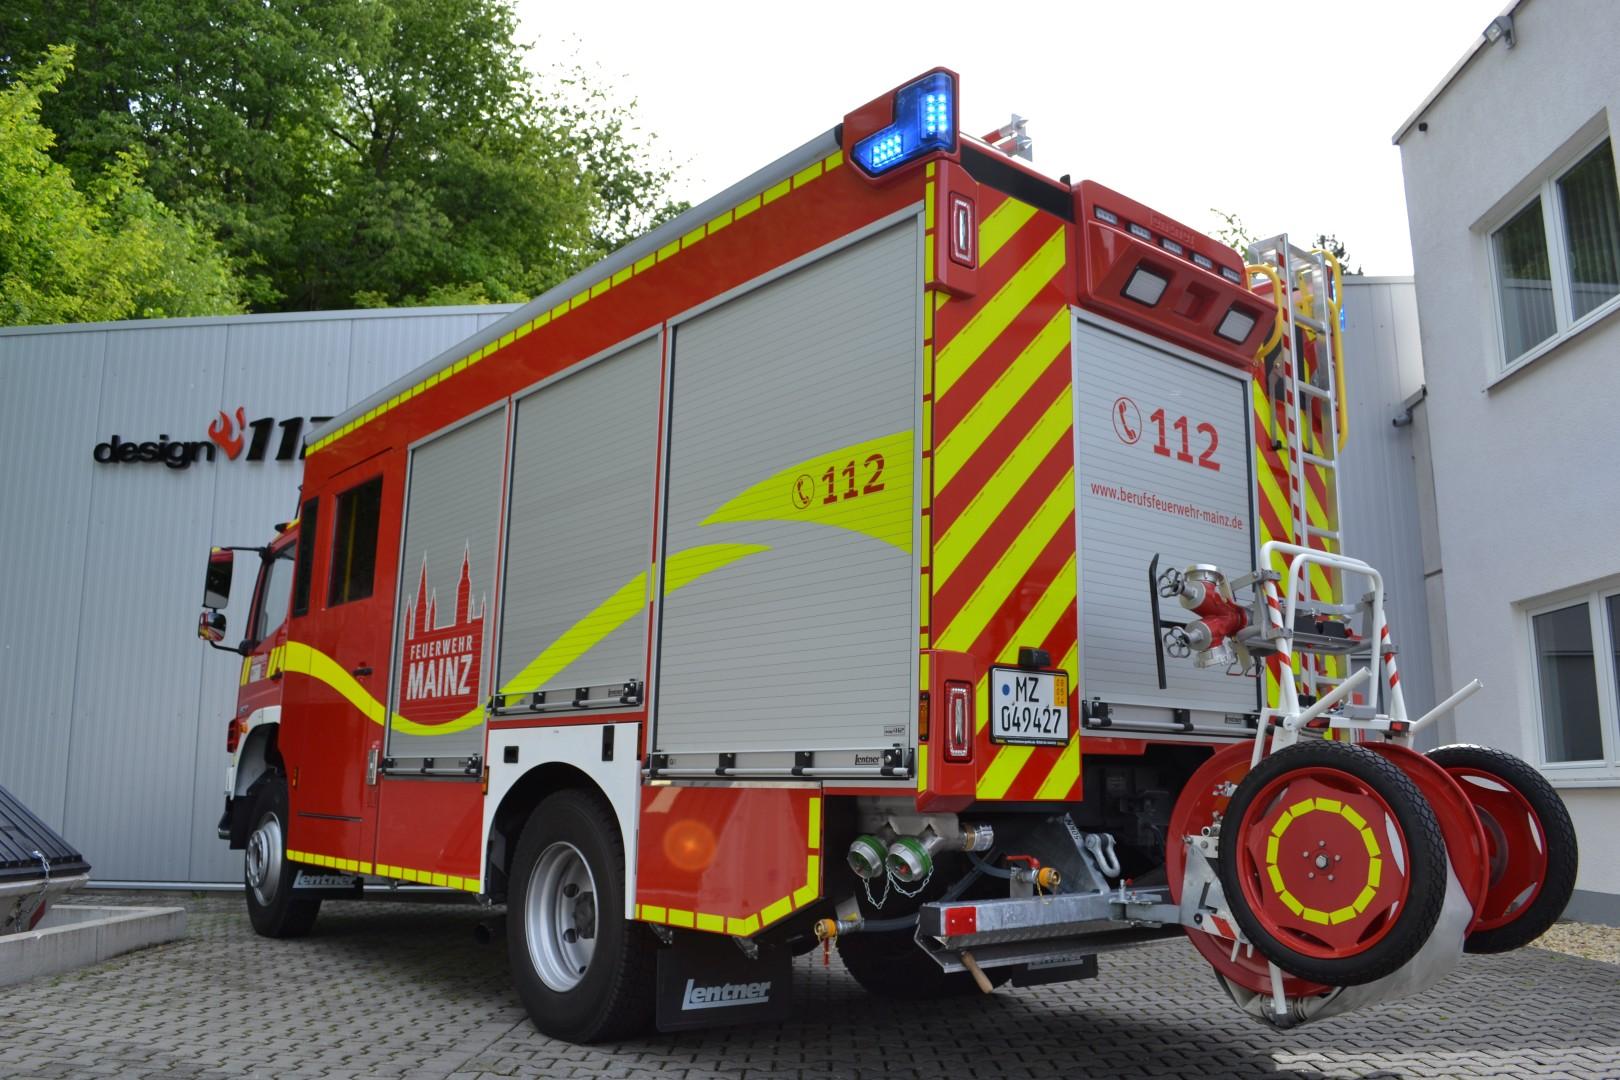 design112-feuerwehr-mainz-hlf-20-heck-large